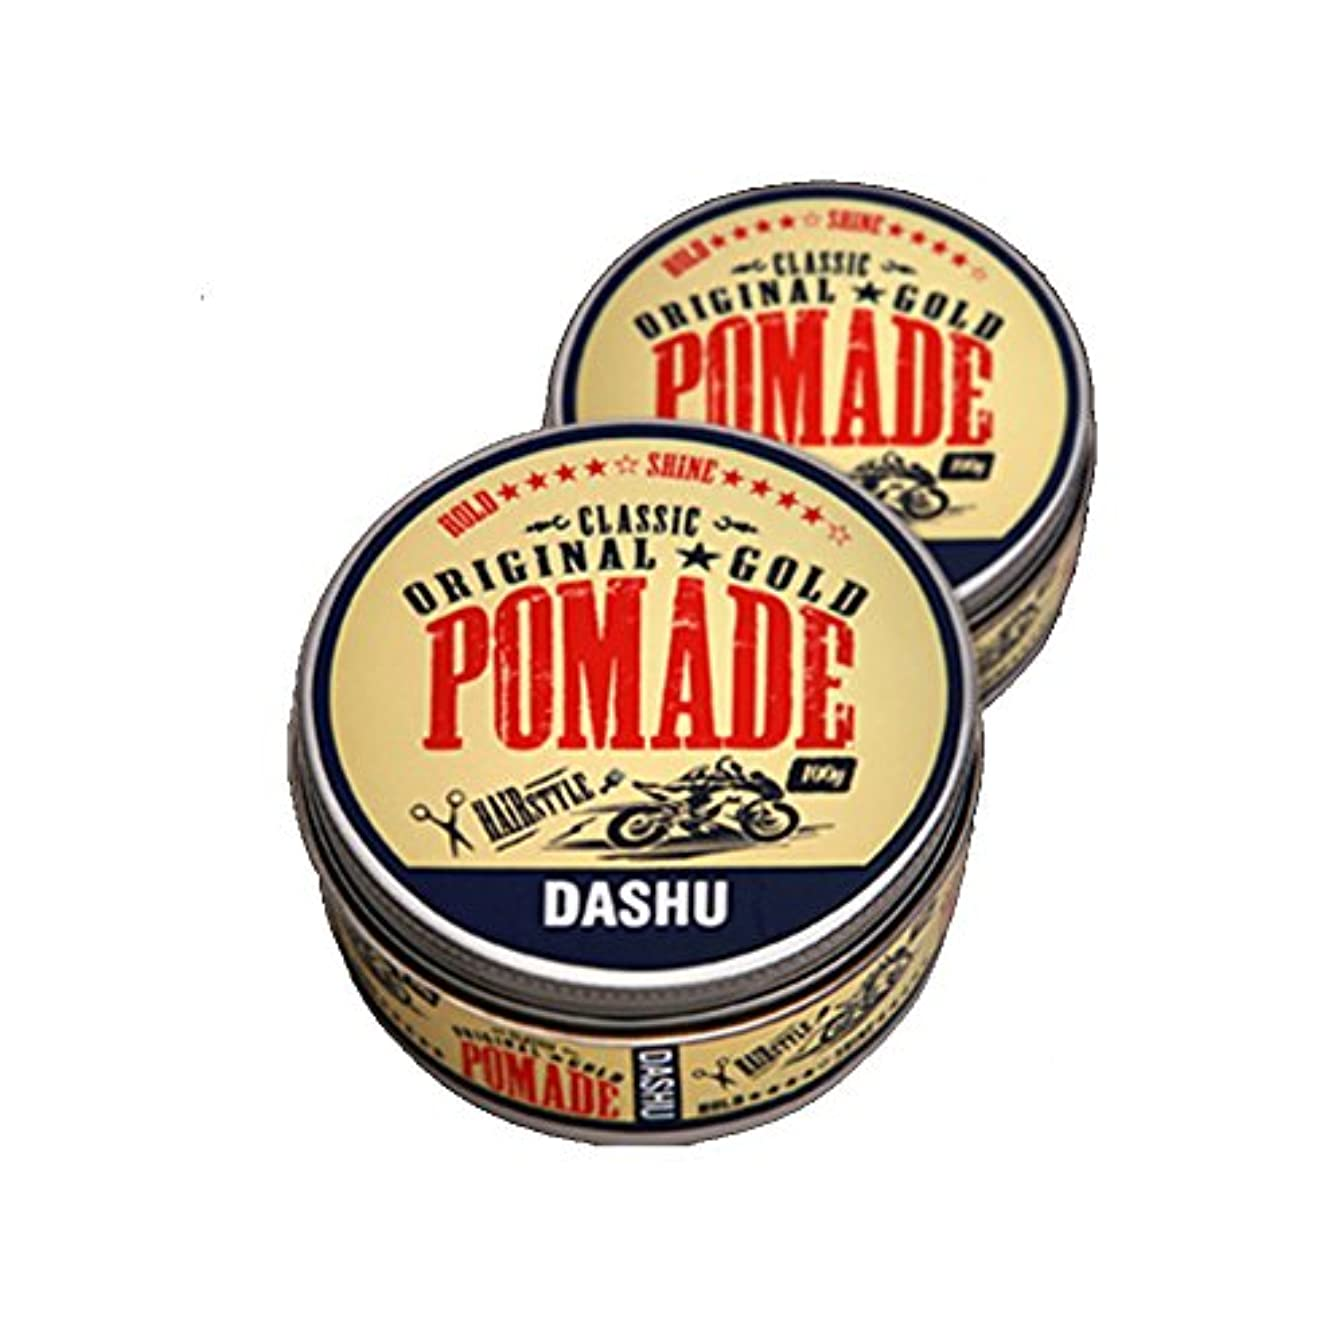 無駄だ切手楽観(2個セット) x [DASHU] ダシュ クラシックオリジナルゴールドポマードヘアワックス Classic Original Gold Pomade Hair Wax 100ml / 韓国製 . 韓国直送品